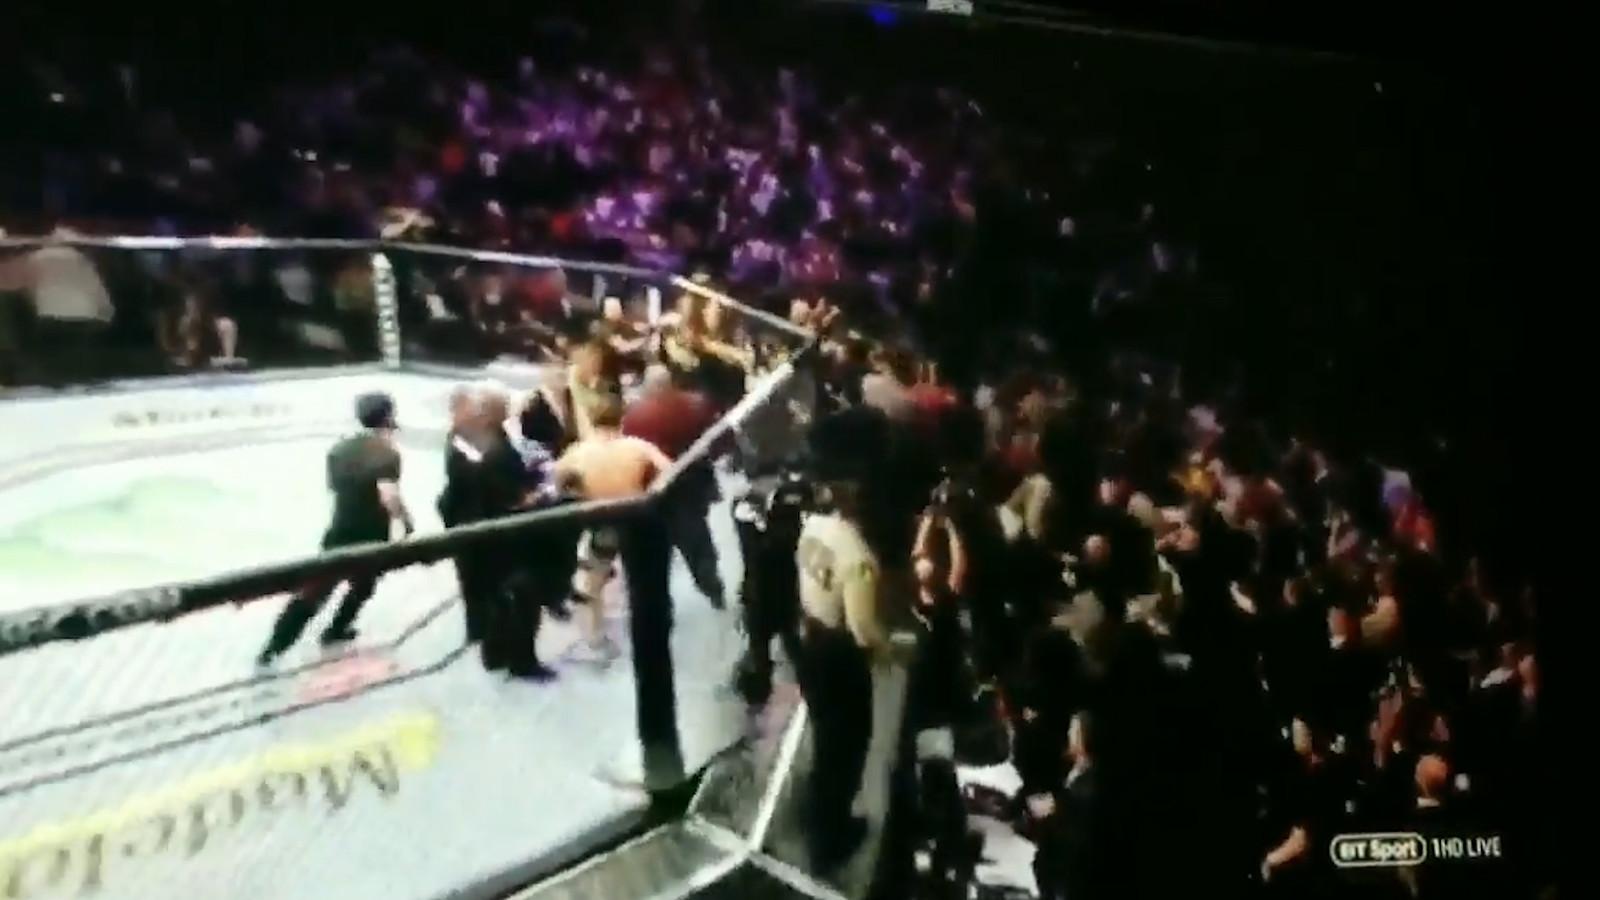 In Las Vegas werd het titelgevecht tussen Conor McGregor en Khabib Nurmagomedov in de vierde ronde beslist. Lichtgewichtkampioen Nurmagomedov bleek oppermachtig. Maar de meest besproken klappen werden ná het gevecht uitgedeeld.